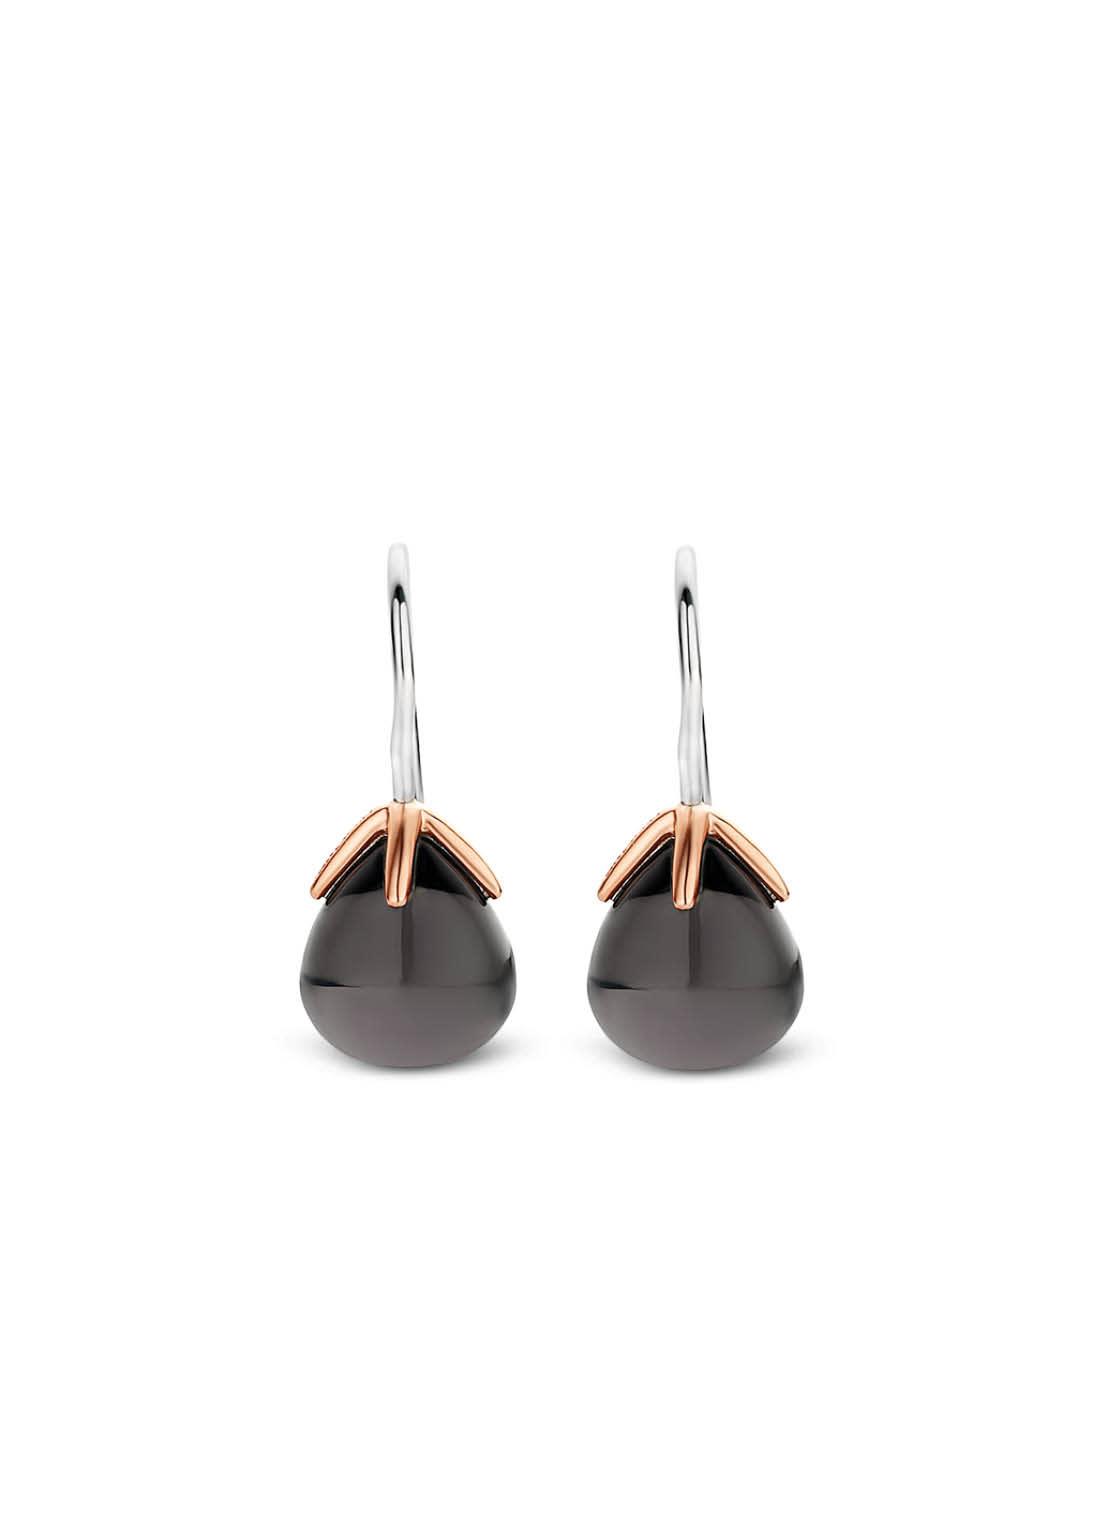 TI SENTO - Milano Earrings 7802GB-2